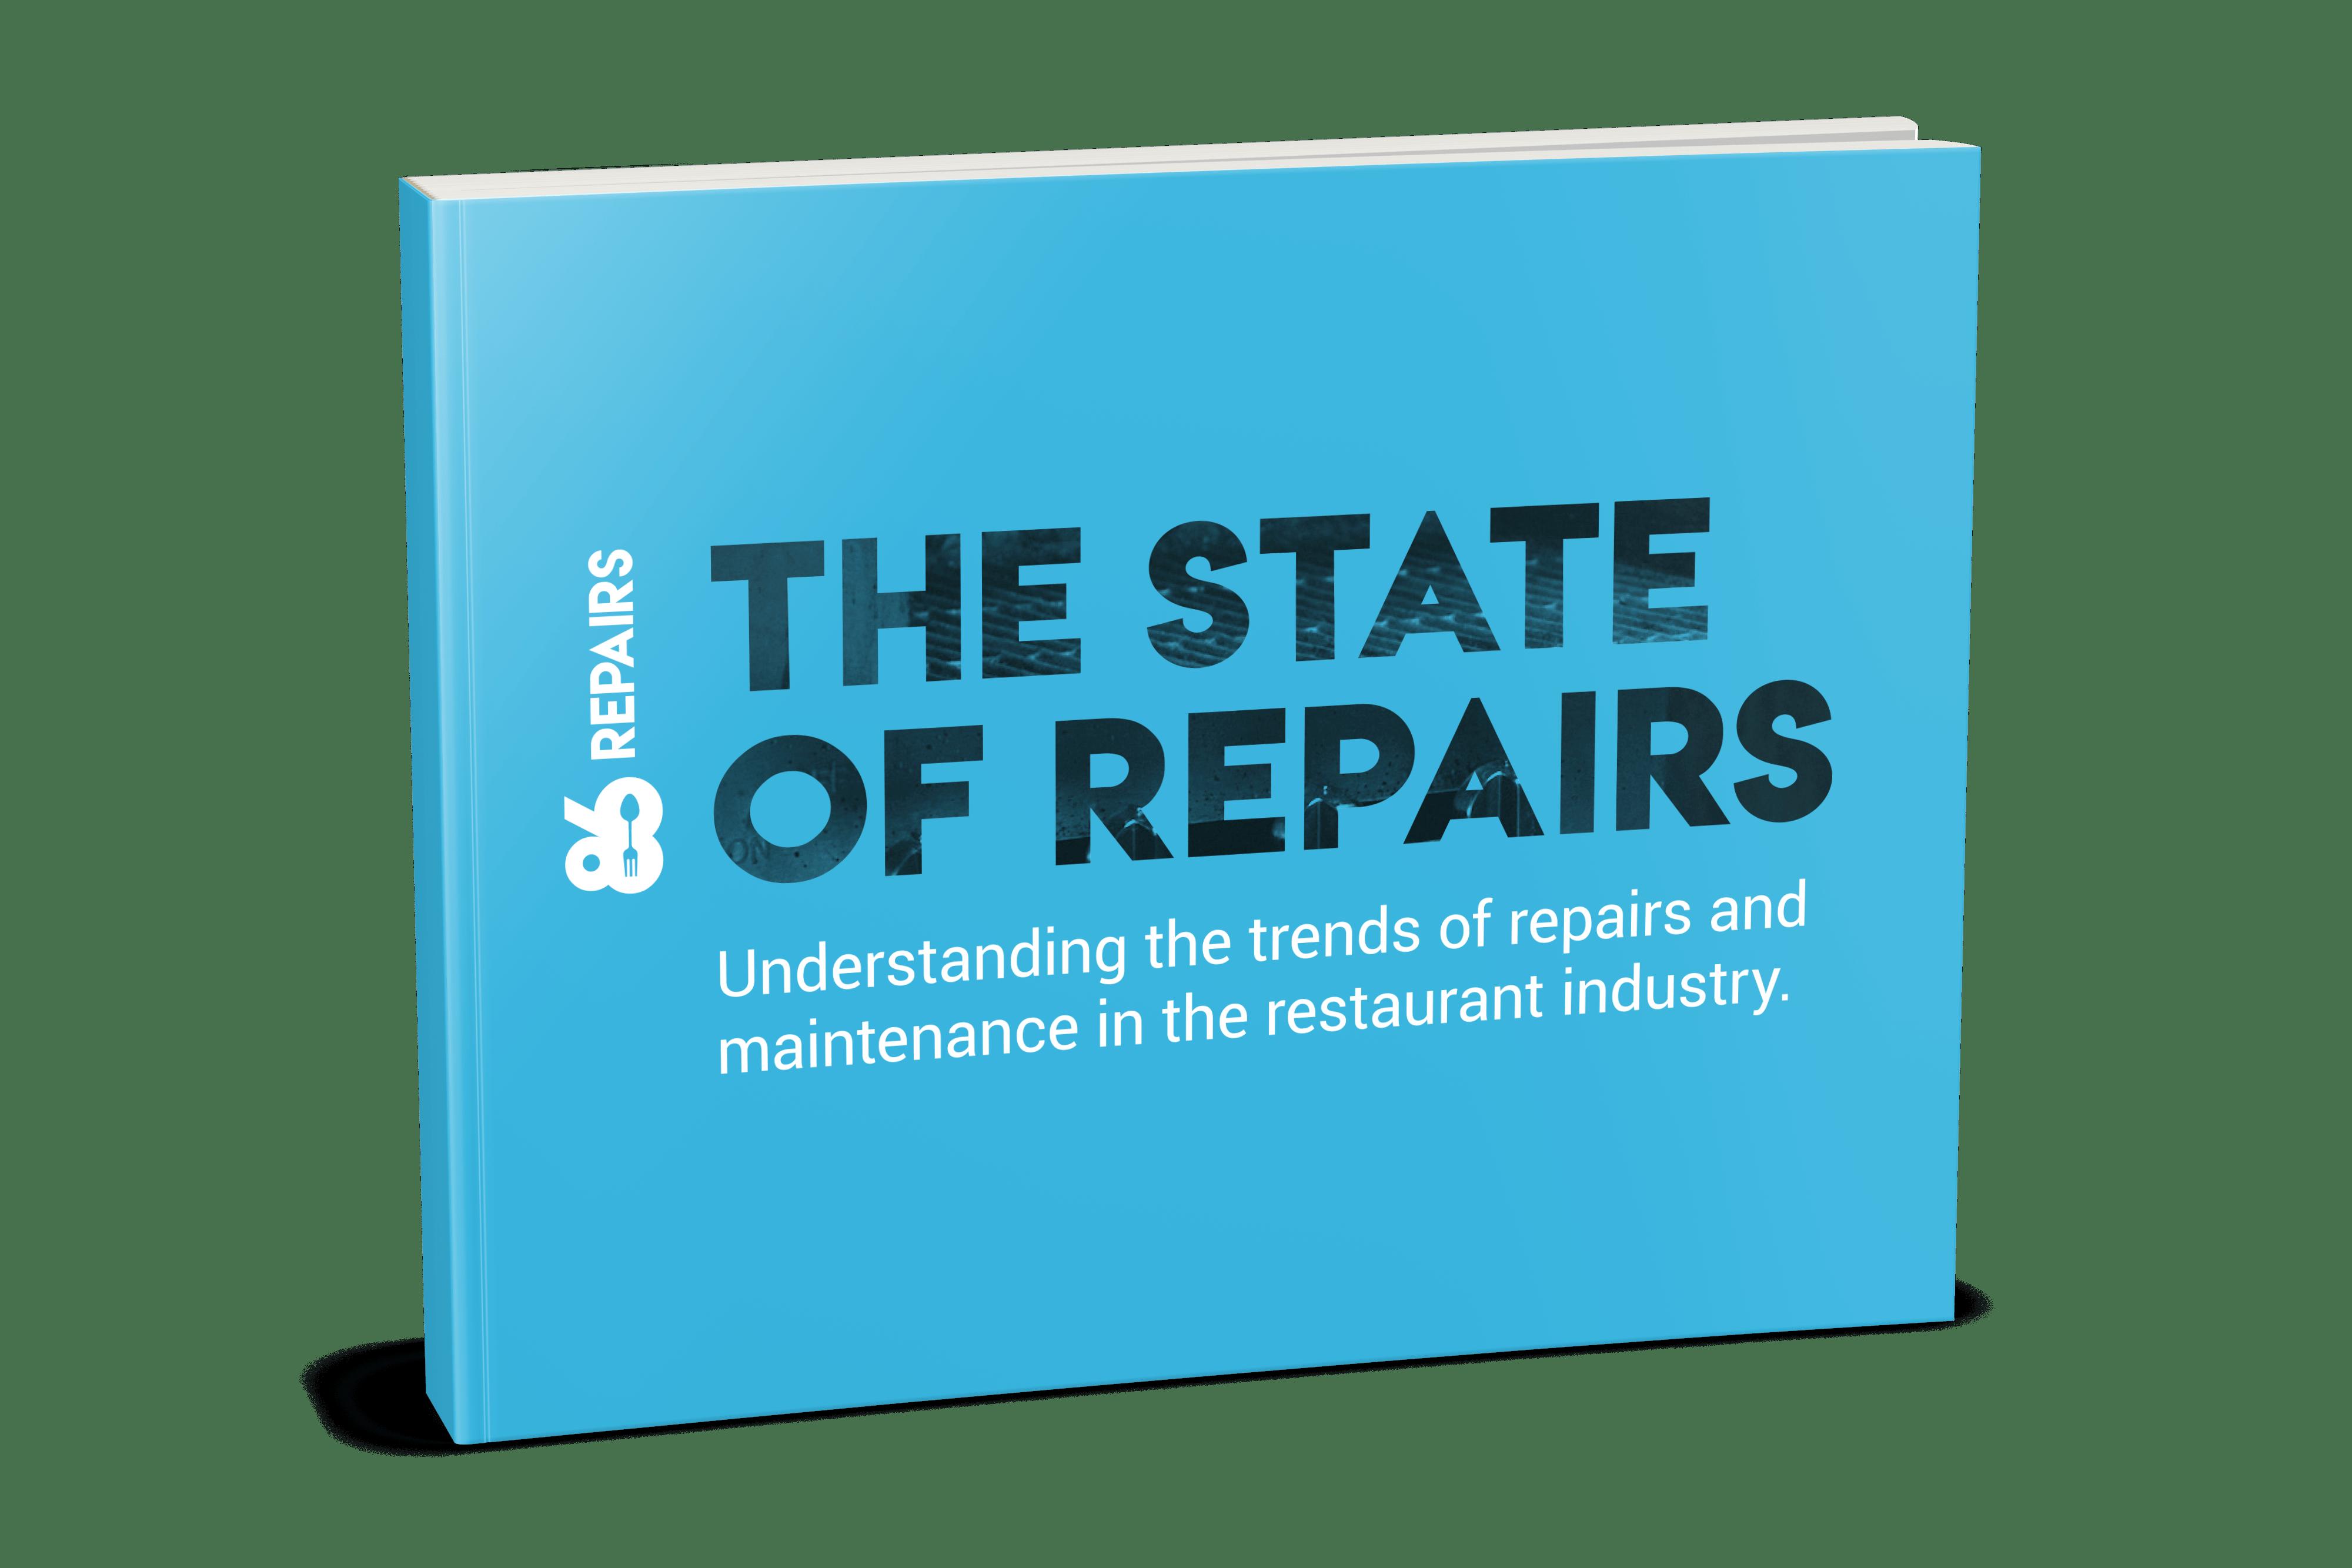 86 Repairs The State of Repairs